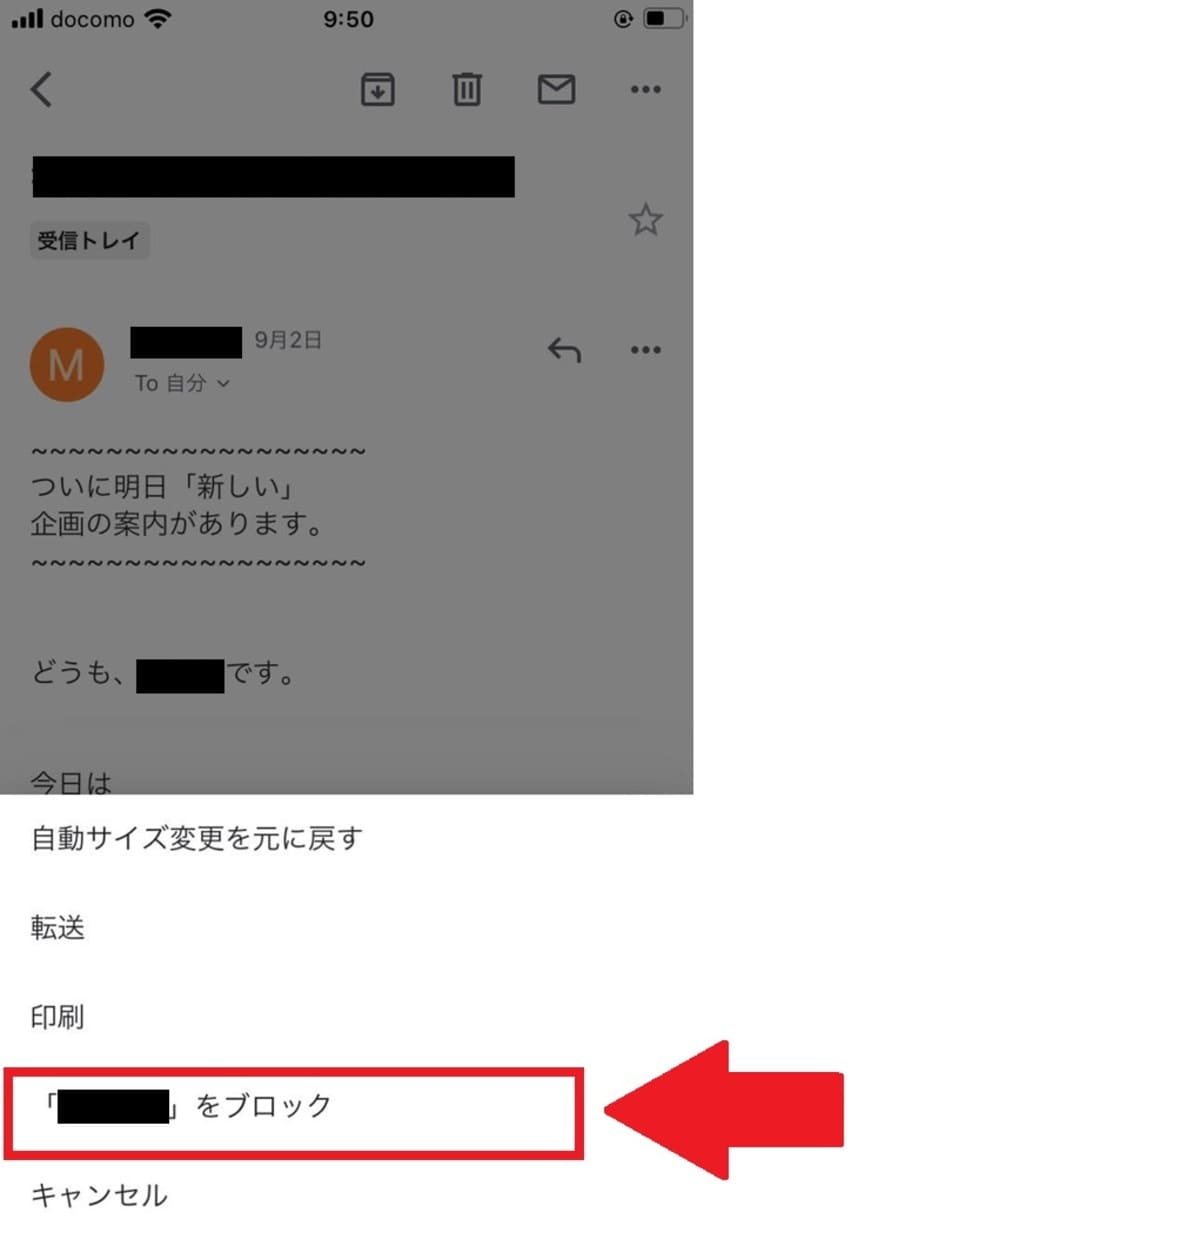 看護師転職サイトの迷惑メール設定の方法は『指定のメールアドレス」→「メニュー」→「ブロック」